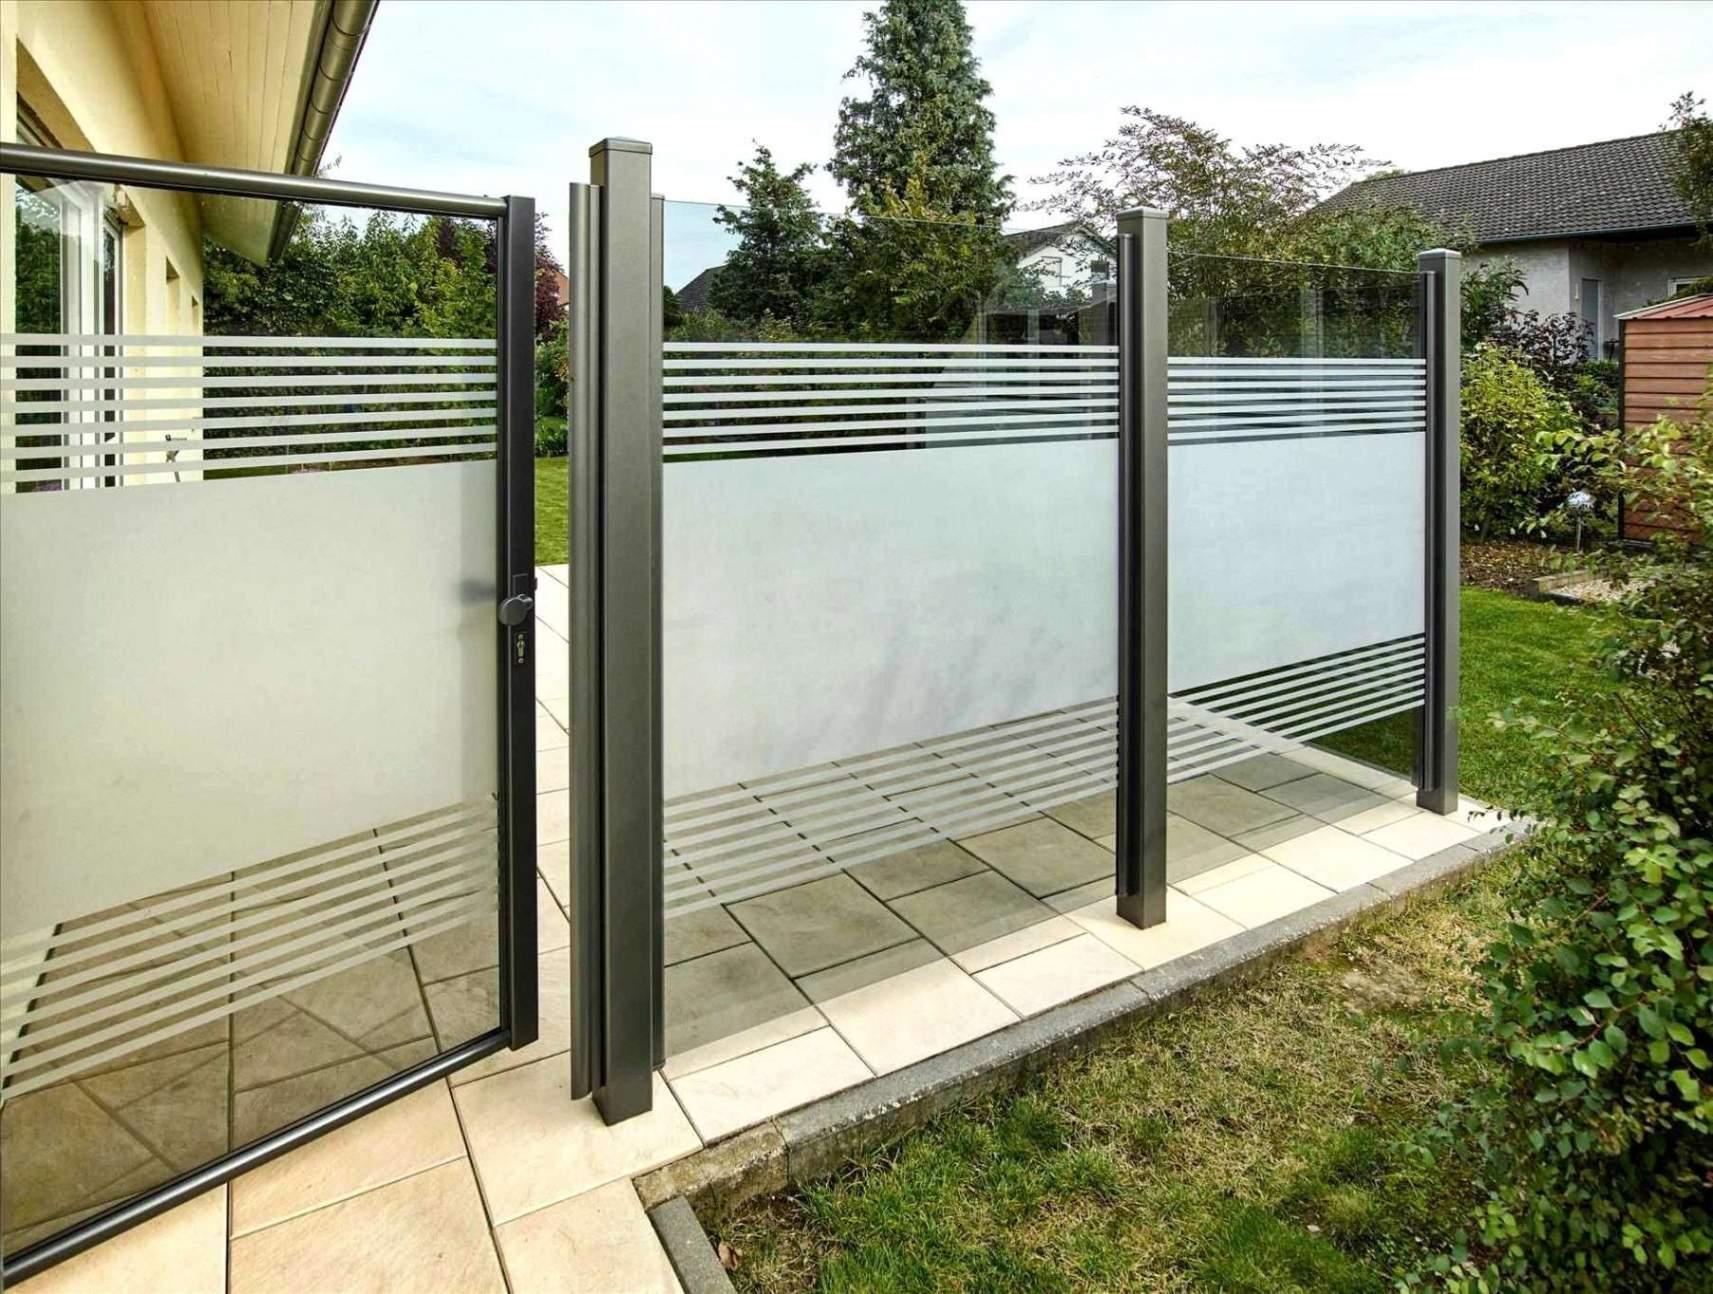 gunstiger sichtschutz fur garten neu meisten schon sichtschutz sichtschutz fur badfenster sichtschutz fur badfenster